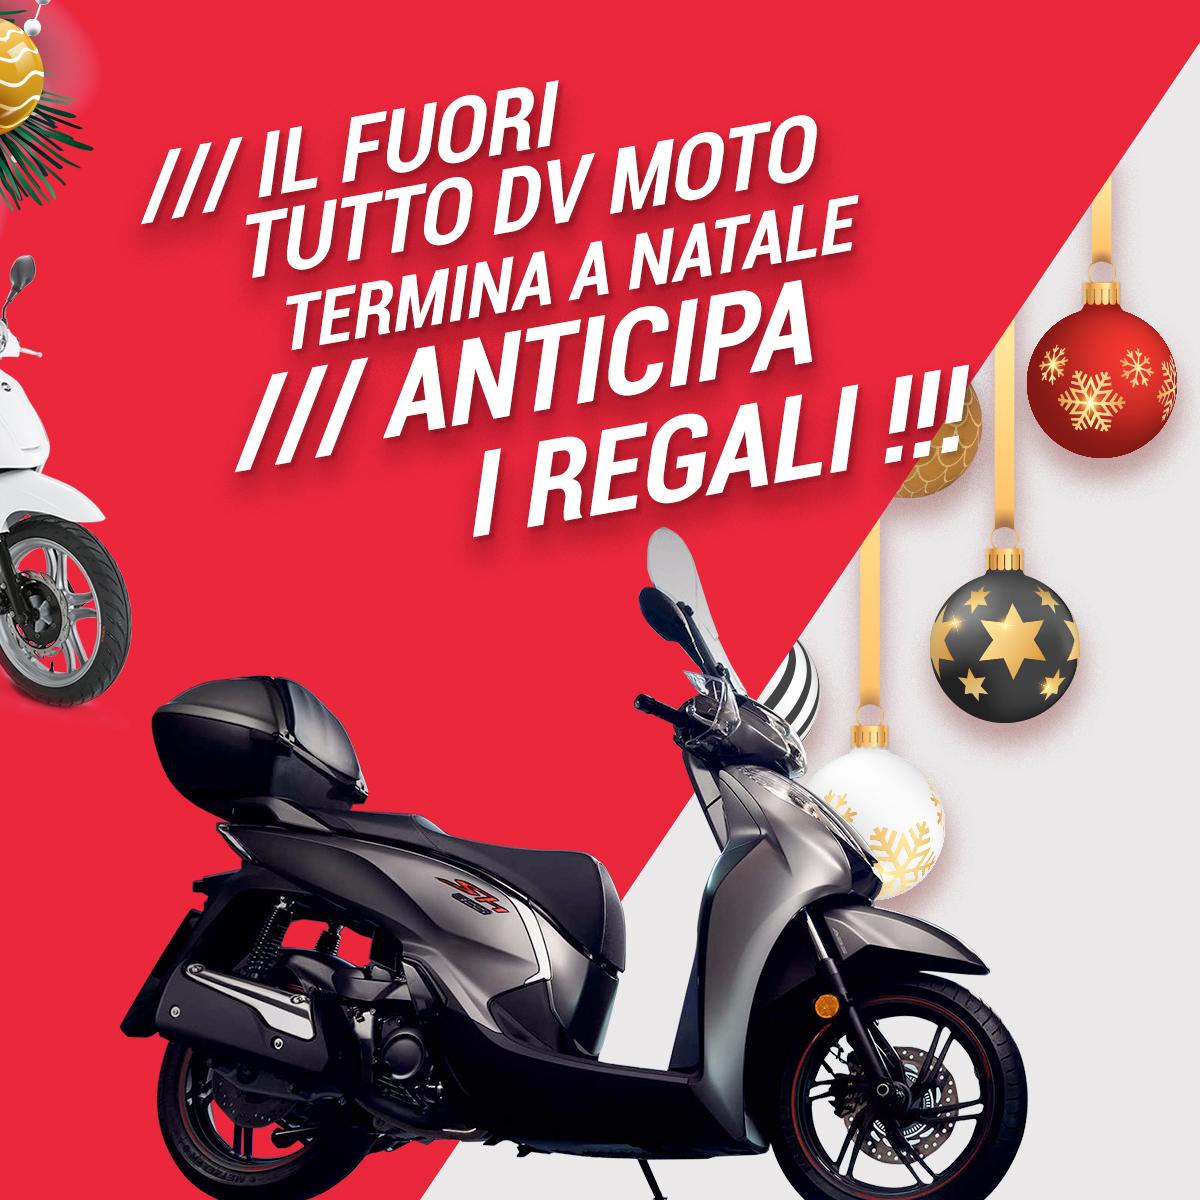 Fuori-Tutto-DV-Moto_04